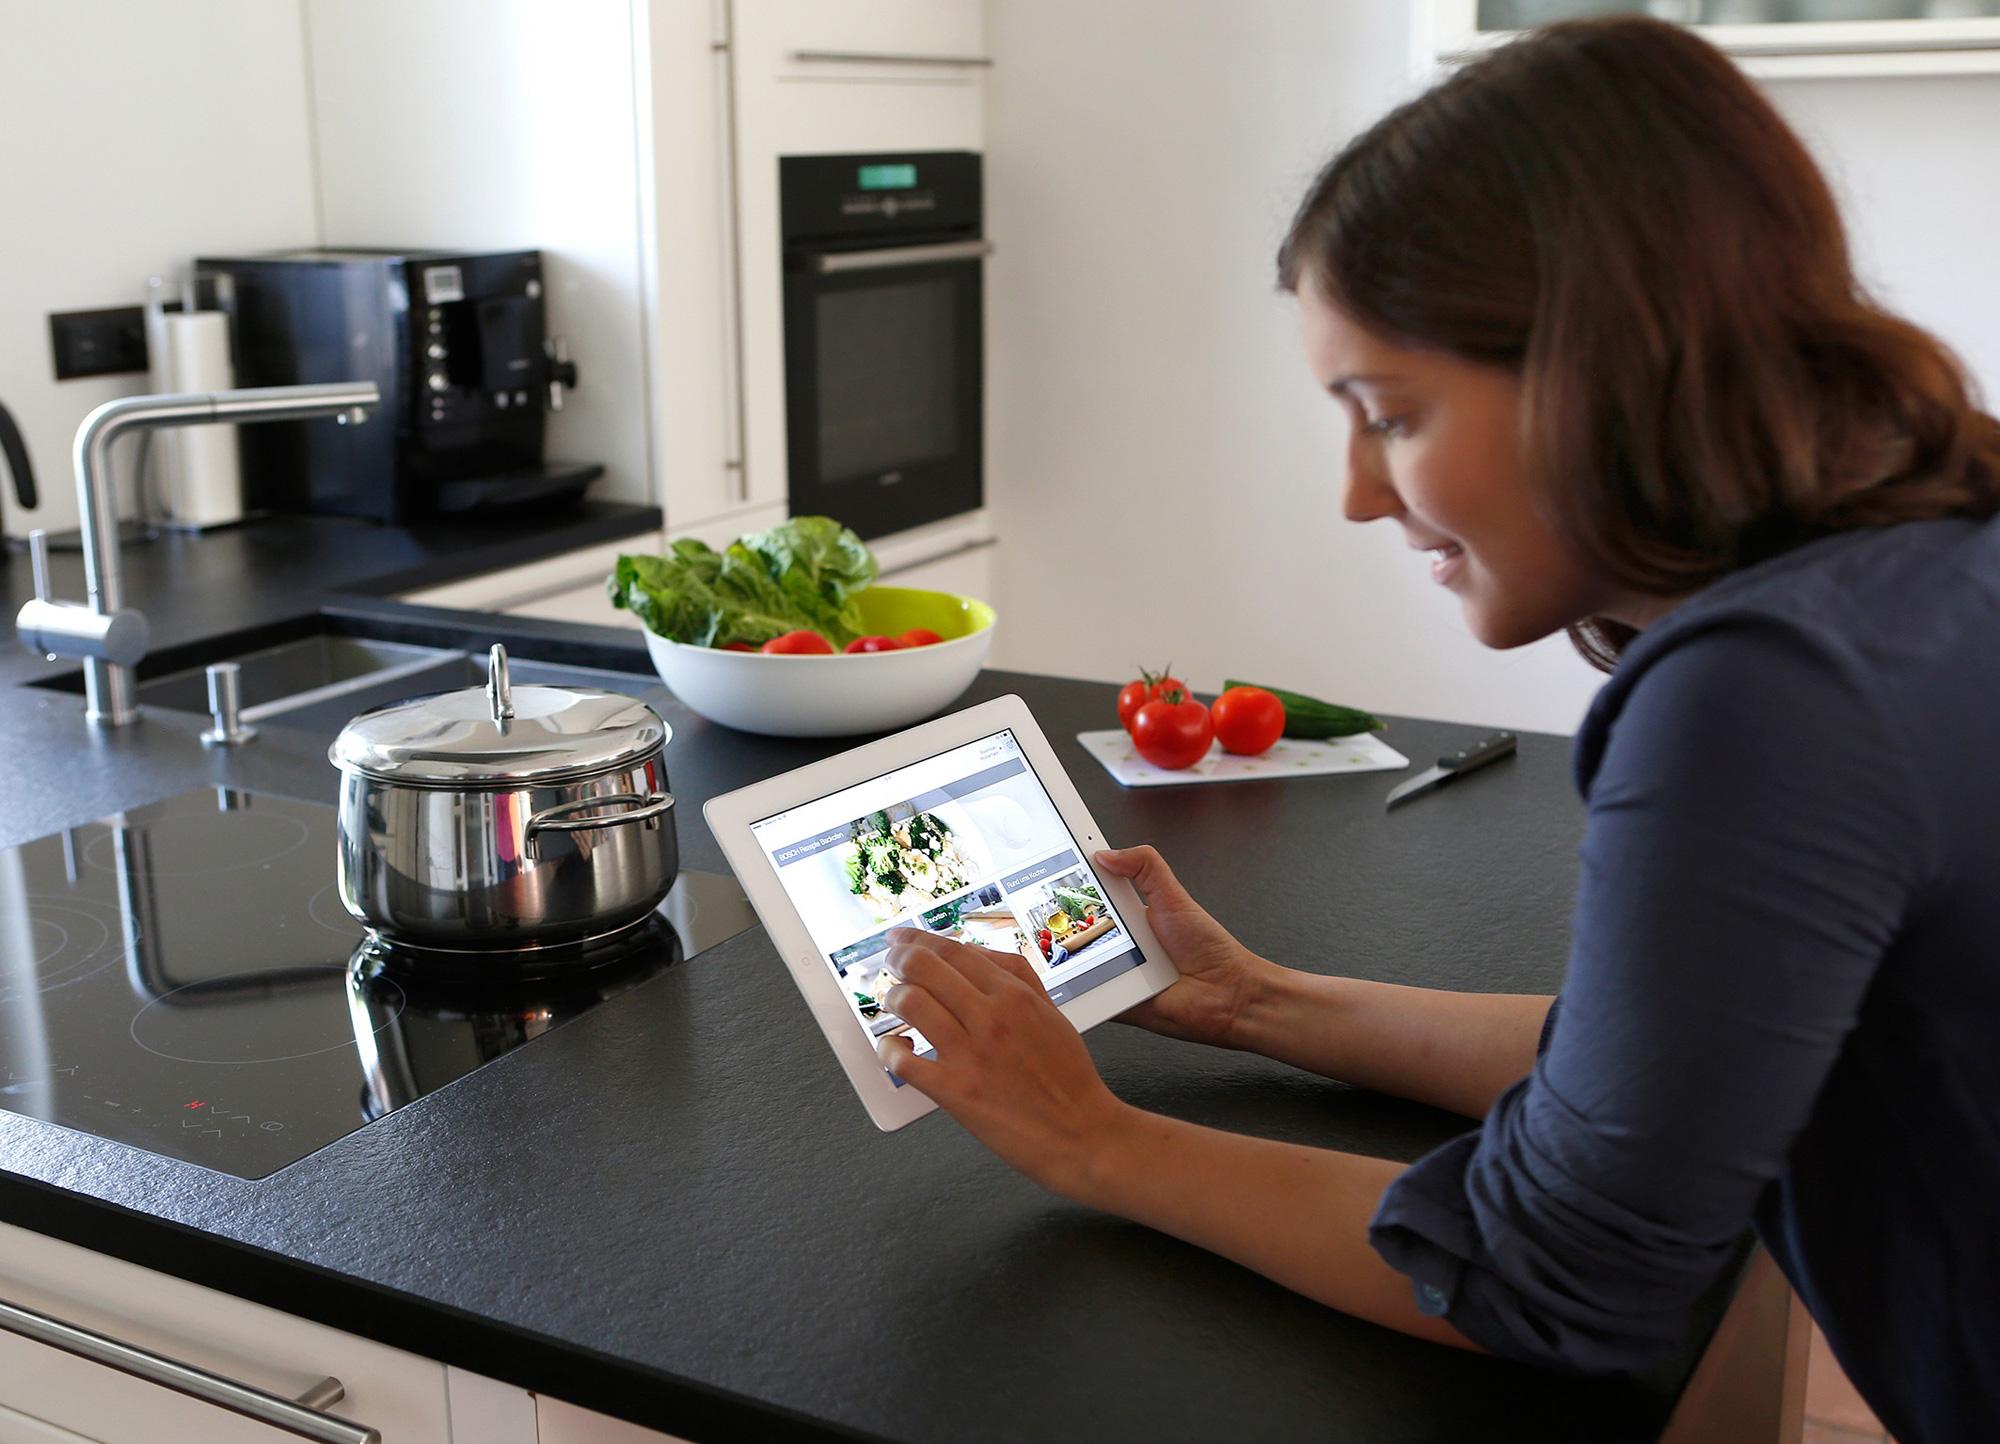 siemens stellt keine küchengeräte mehr her | moderne-küche magazin